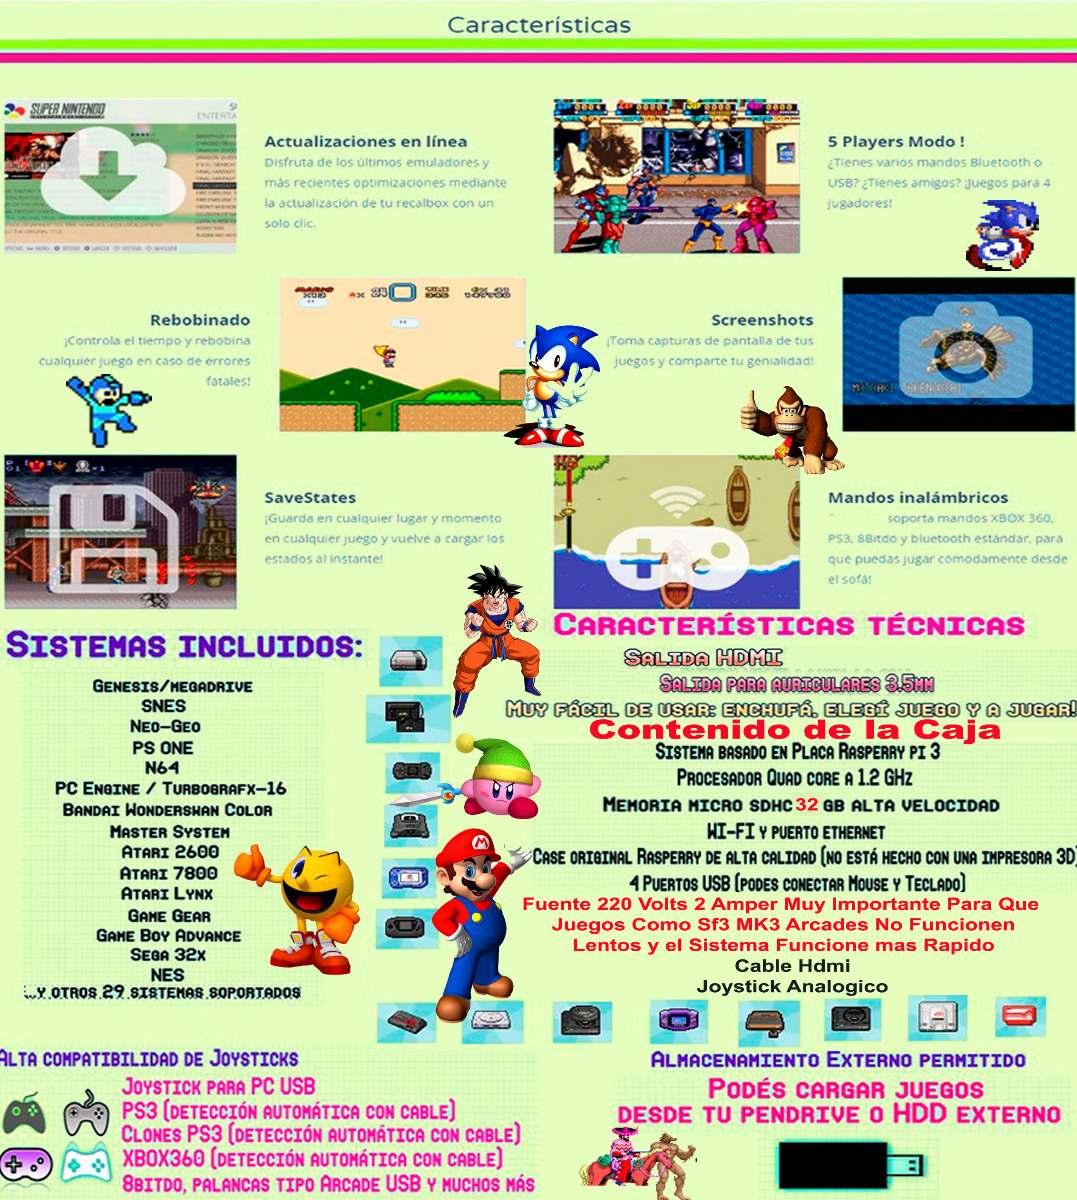 Consola Mame Arcade Dreamcast Sega Psp Snes Psx 64g-local-